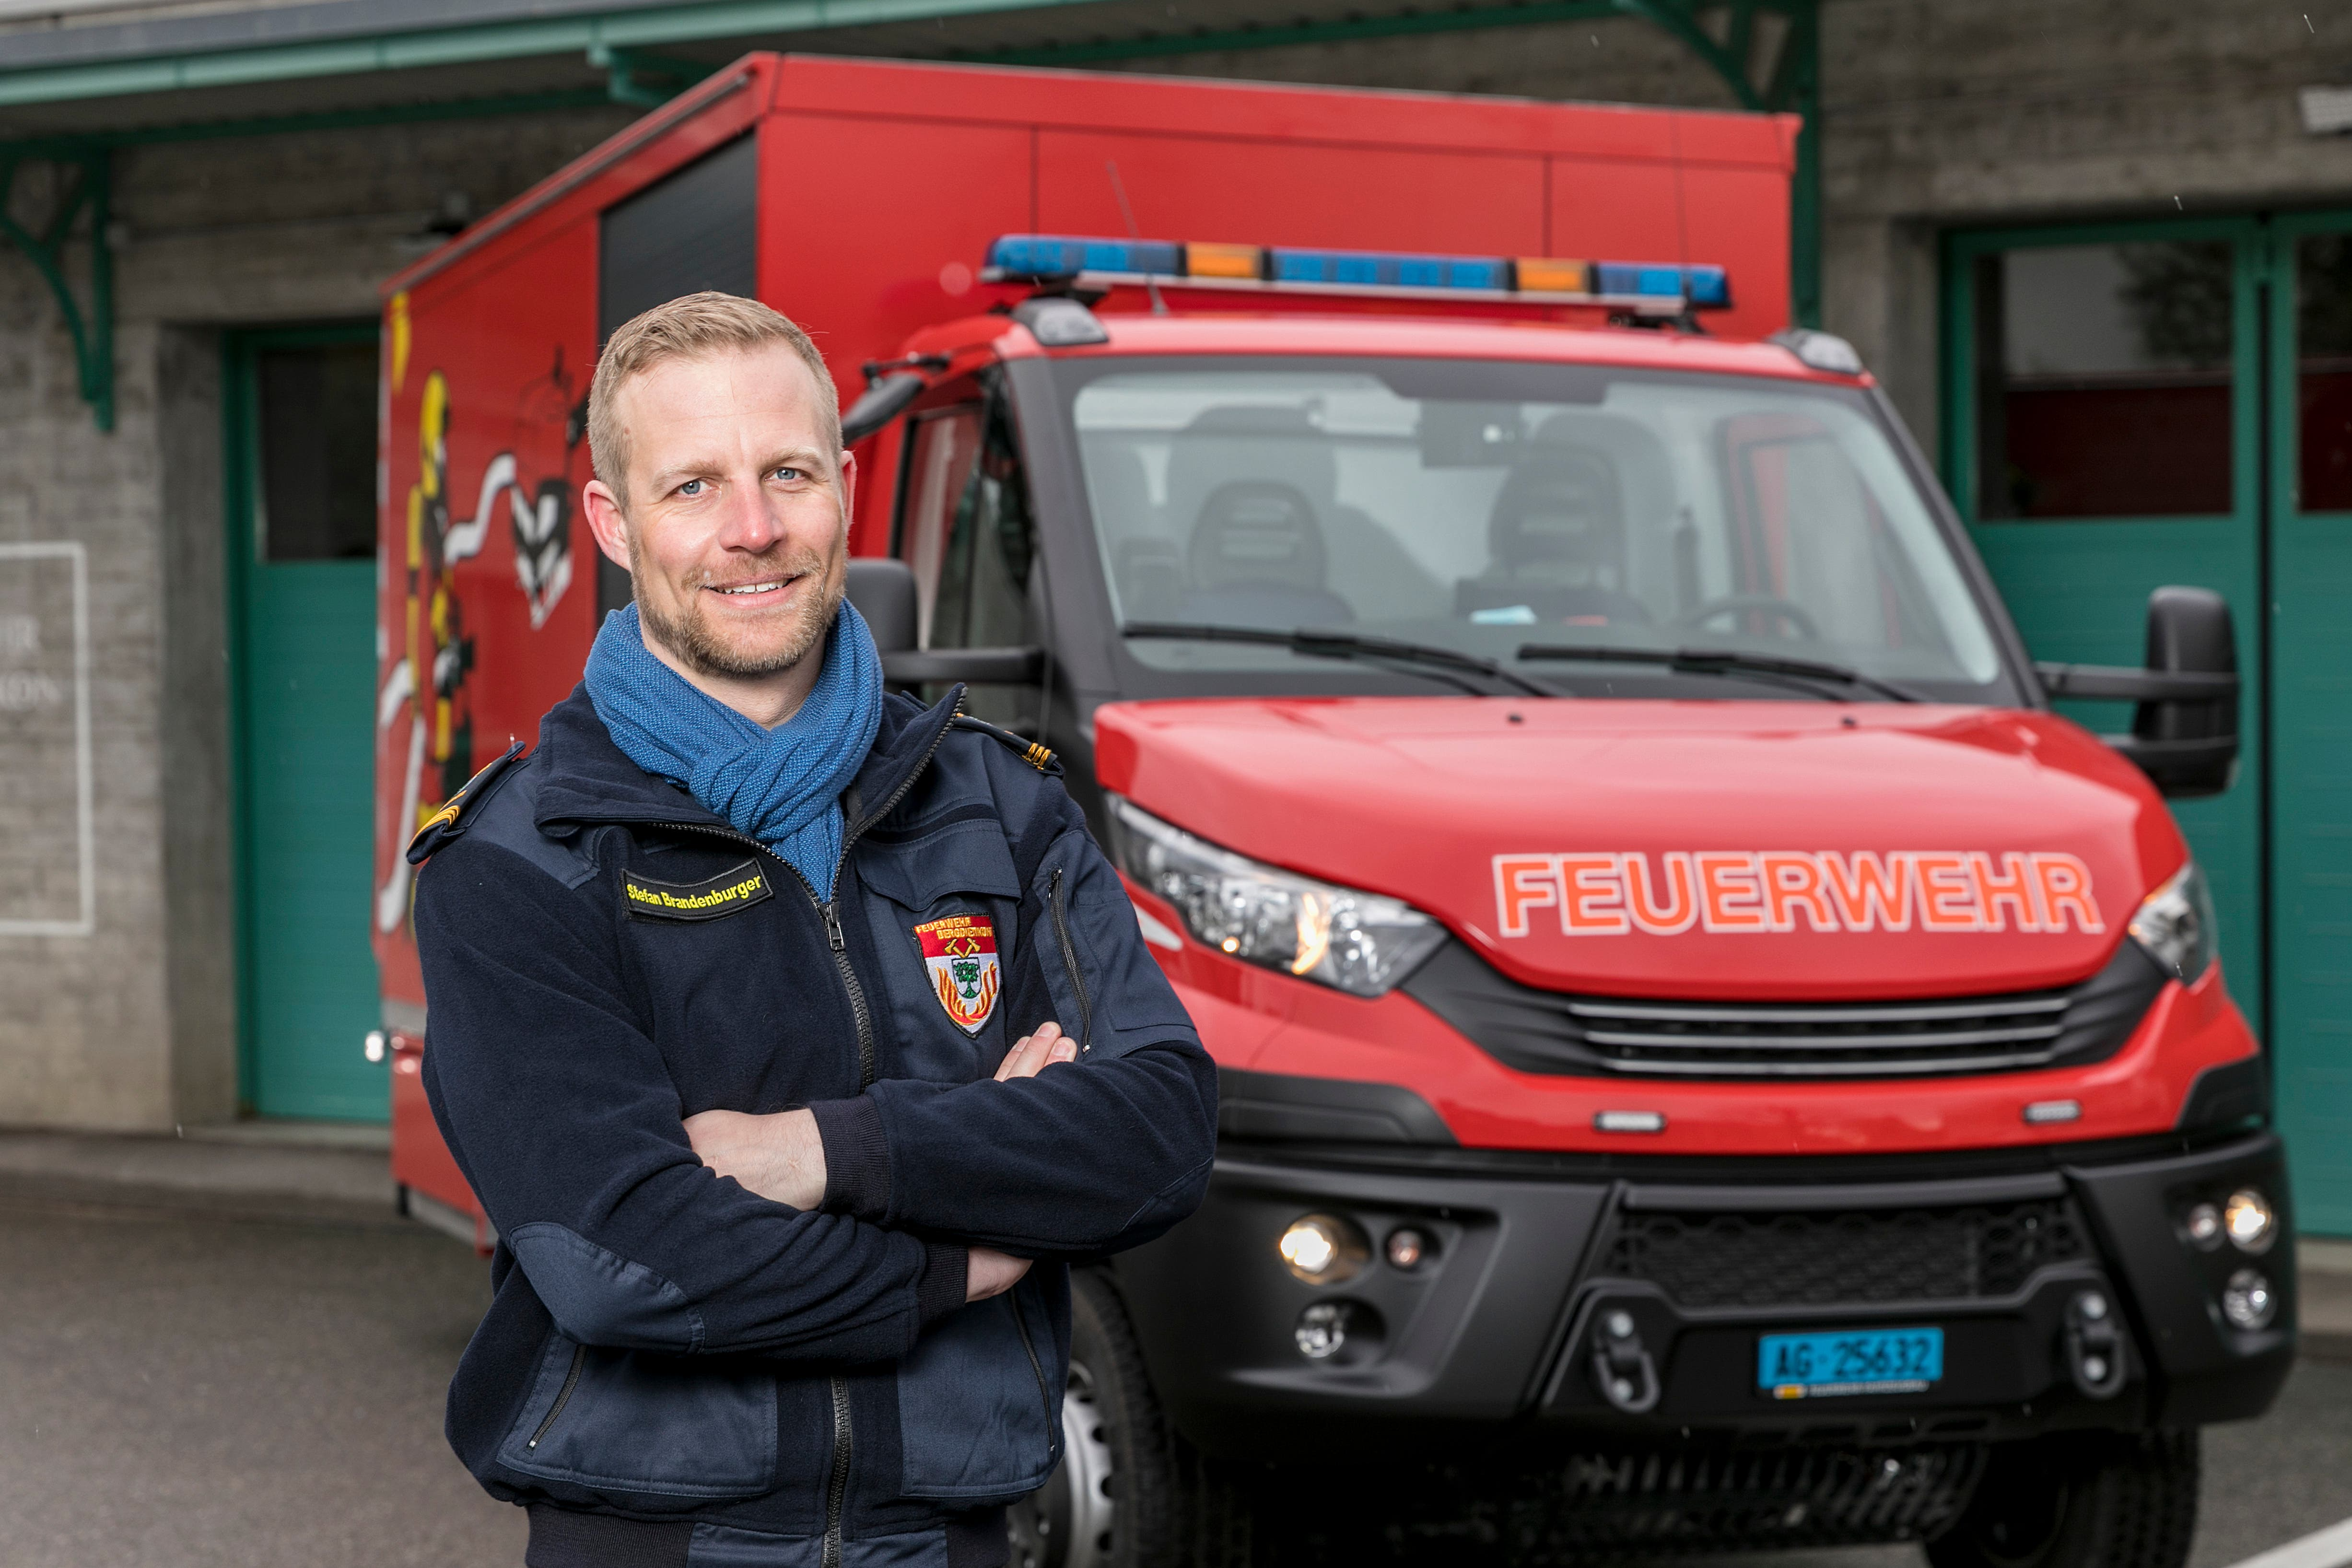 Seit Ende Februar verfügt die Feuerwehr Bergdietikon über ein neues Pikett-Fahrzeug.